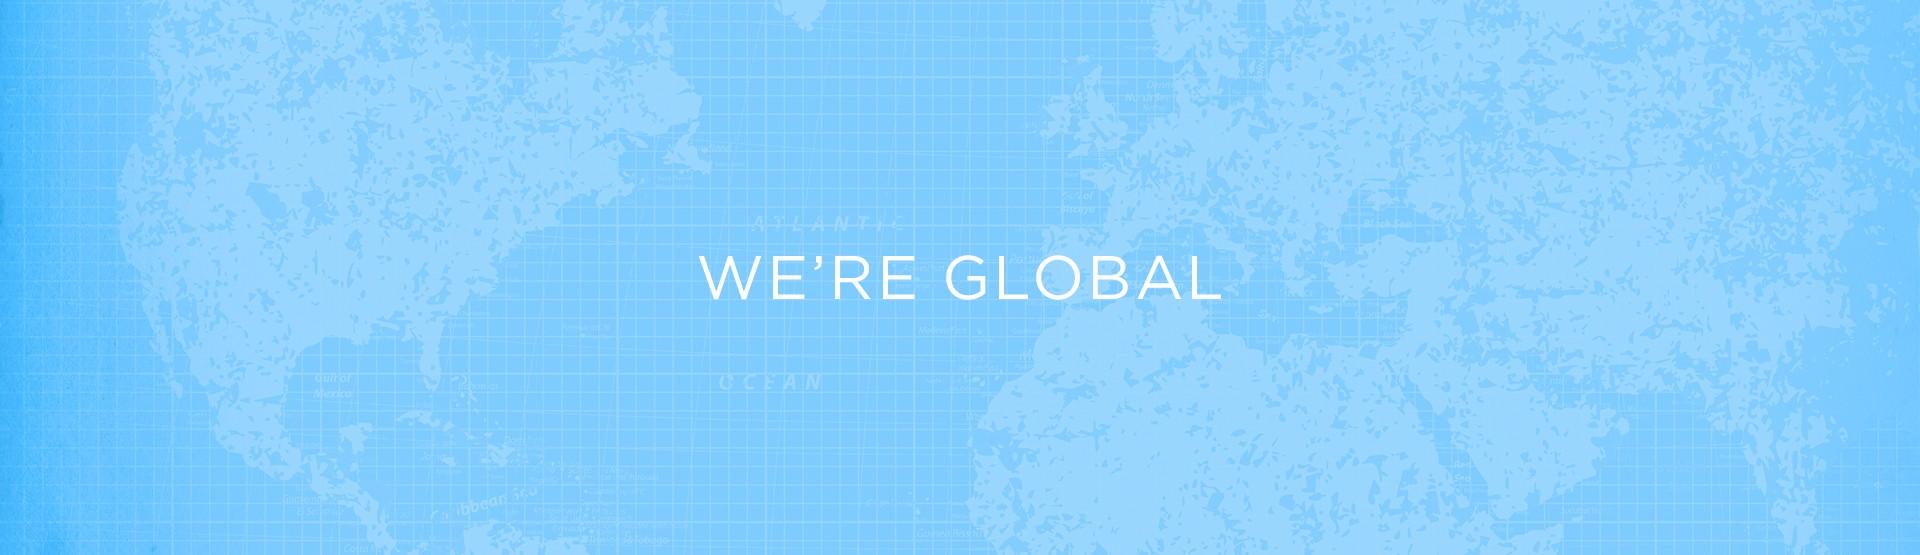 we're global